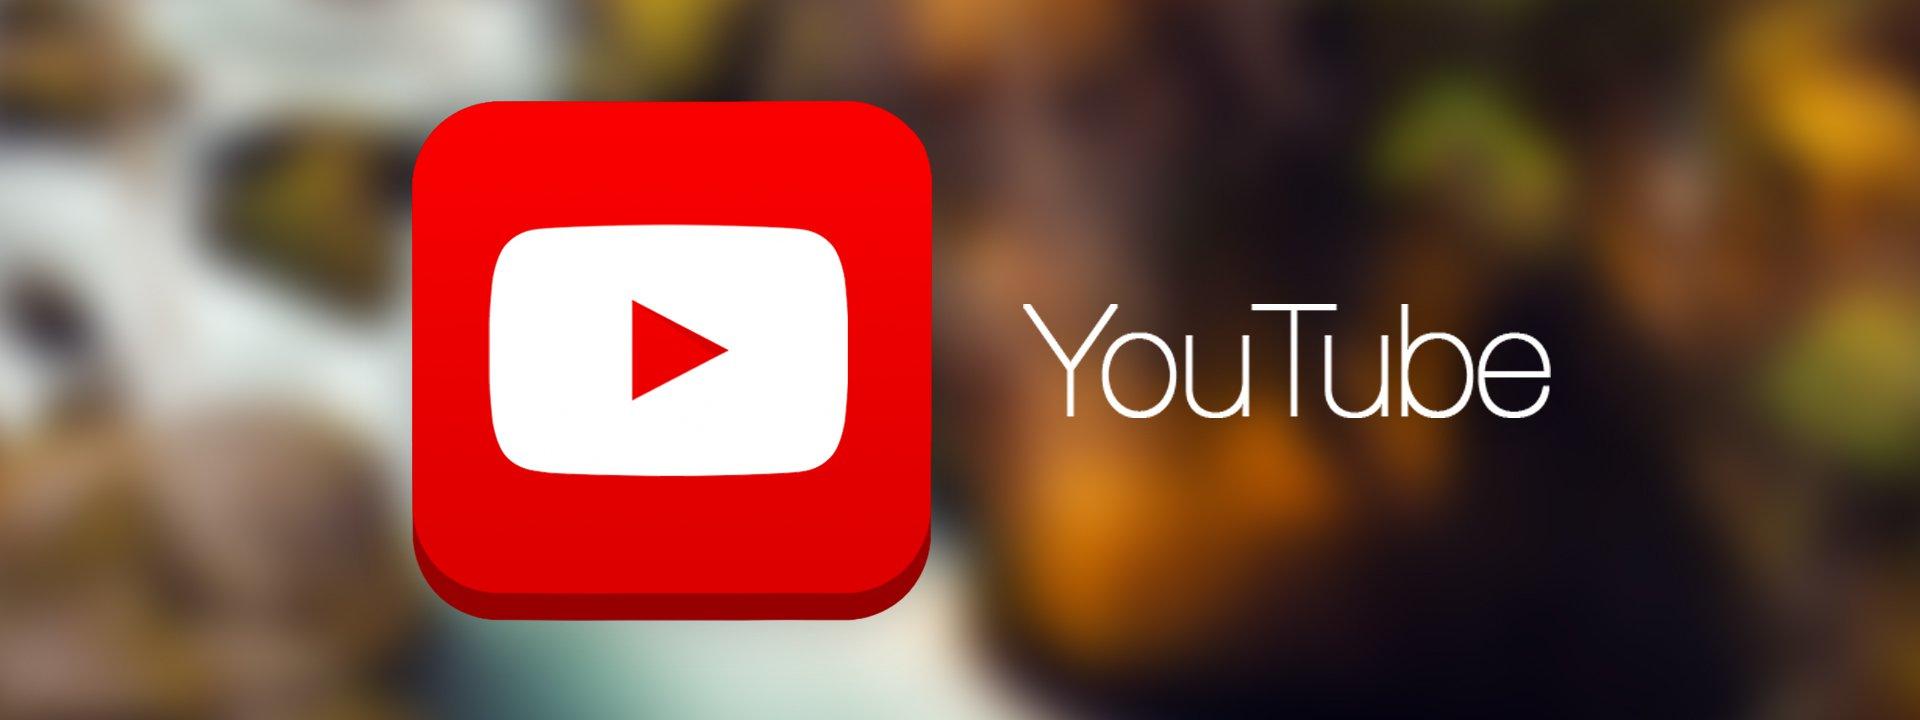 """""""يوتيوب"""" يعلن عن شروطا أكثر صرامة لعرض الإعلانات"""